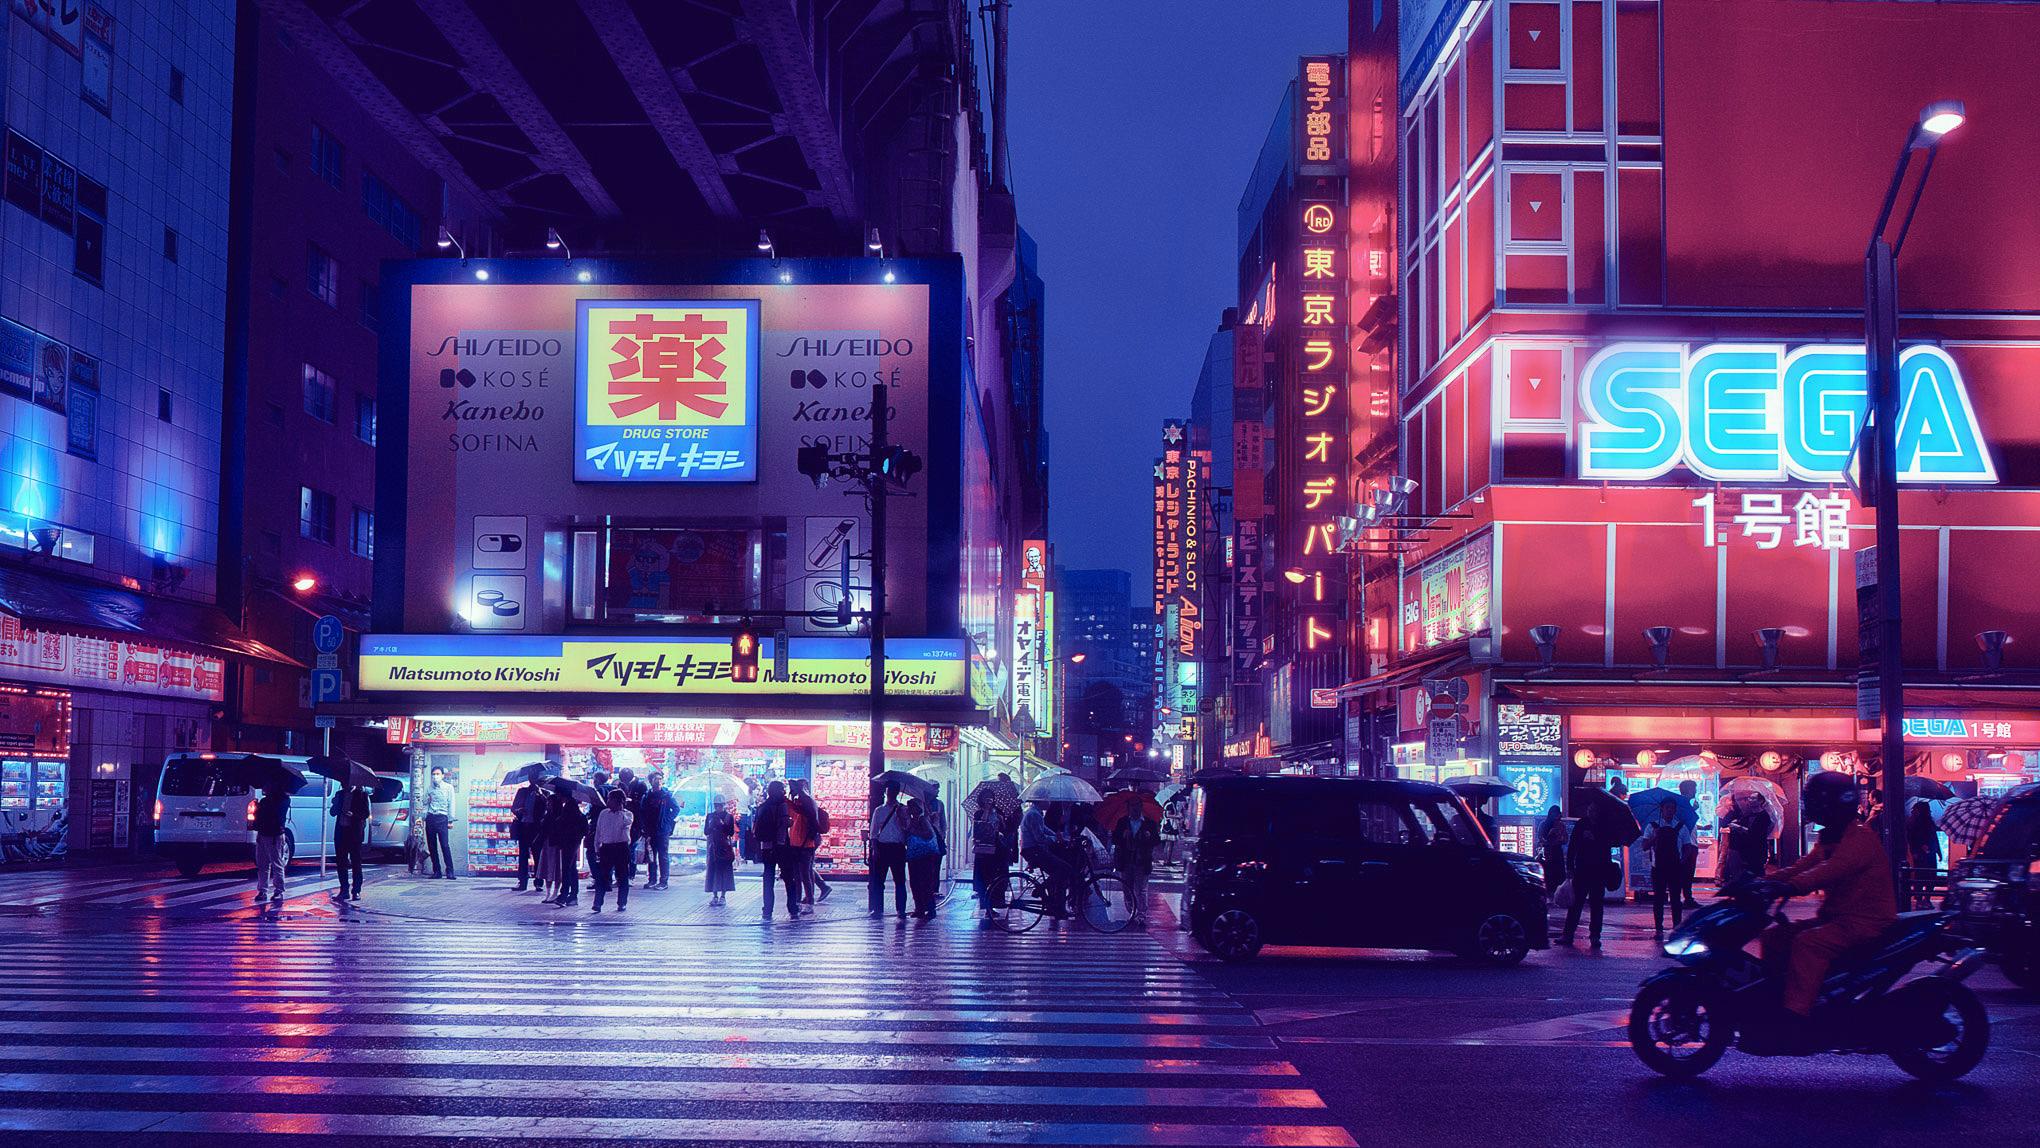 Photo gallery: Tokyo game landmarks at night